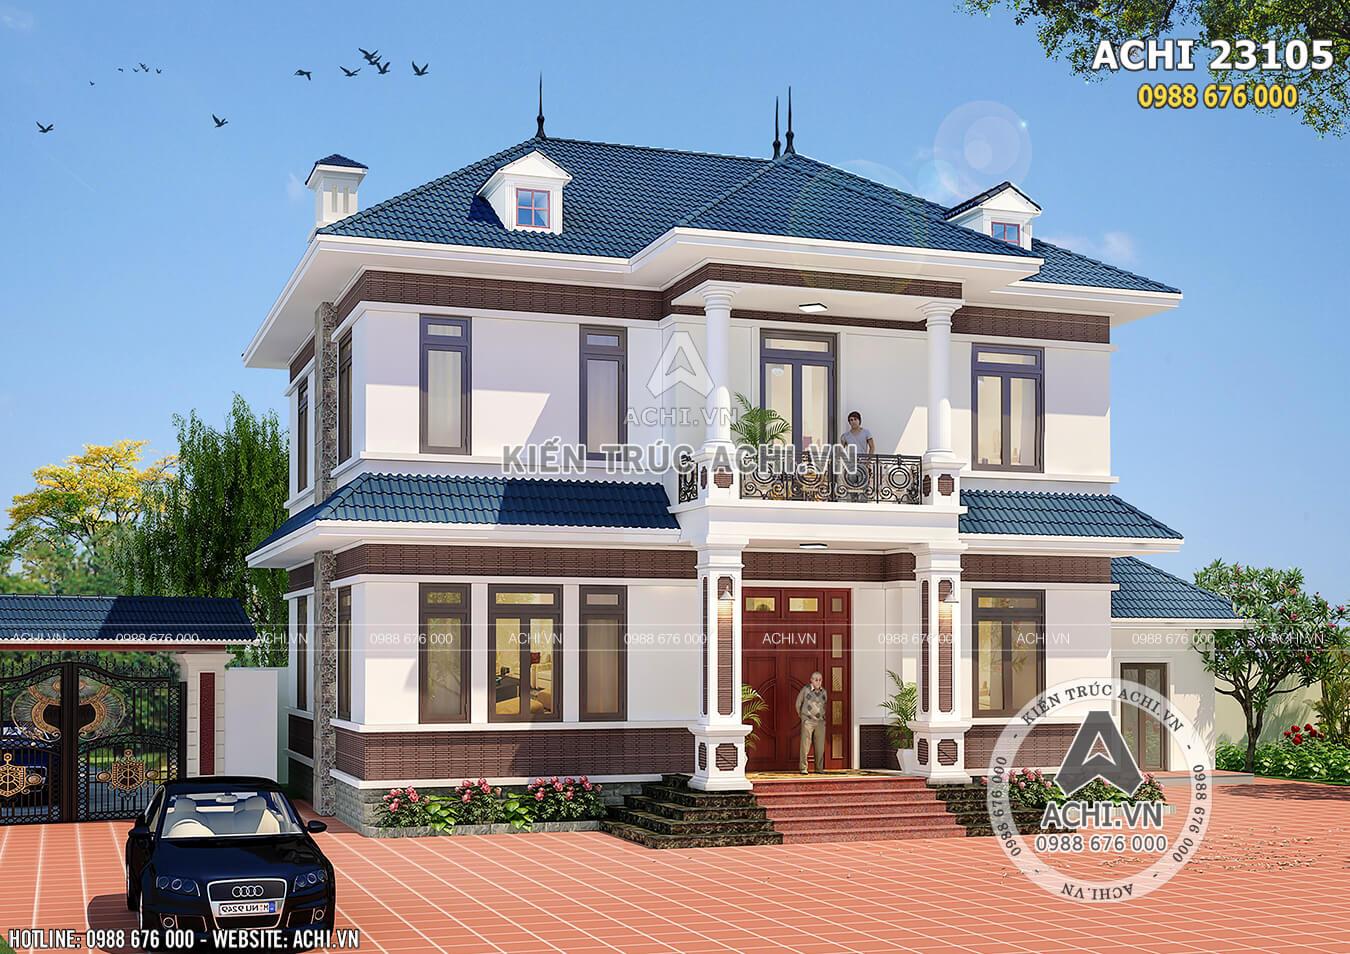 Hình ảnh: Không gian ngoại thất mẫu biệt thự 2 tầng mái Thái đẹp – Mã số: ACHI 23105